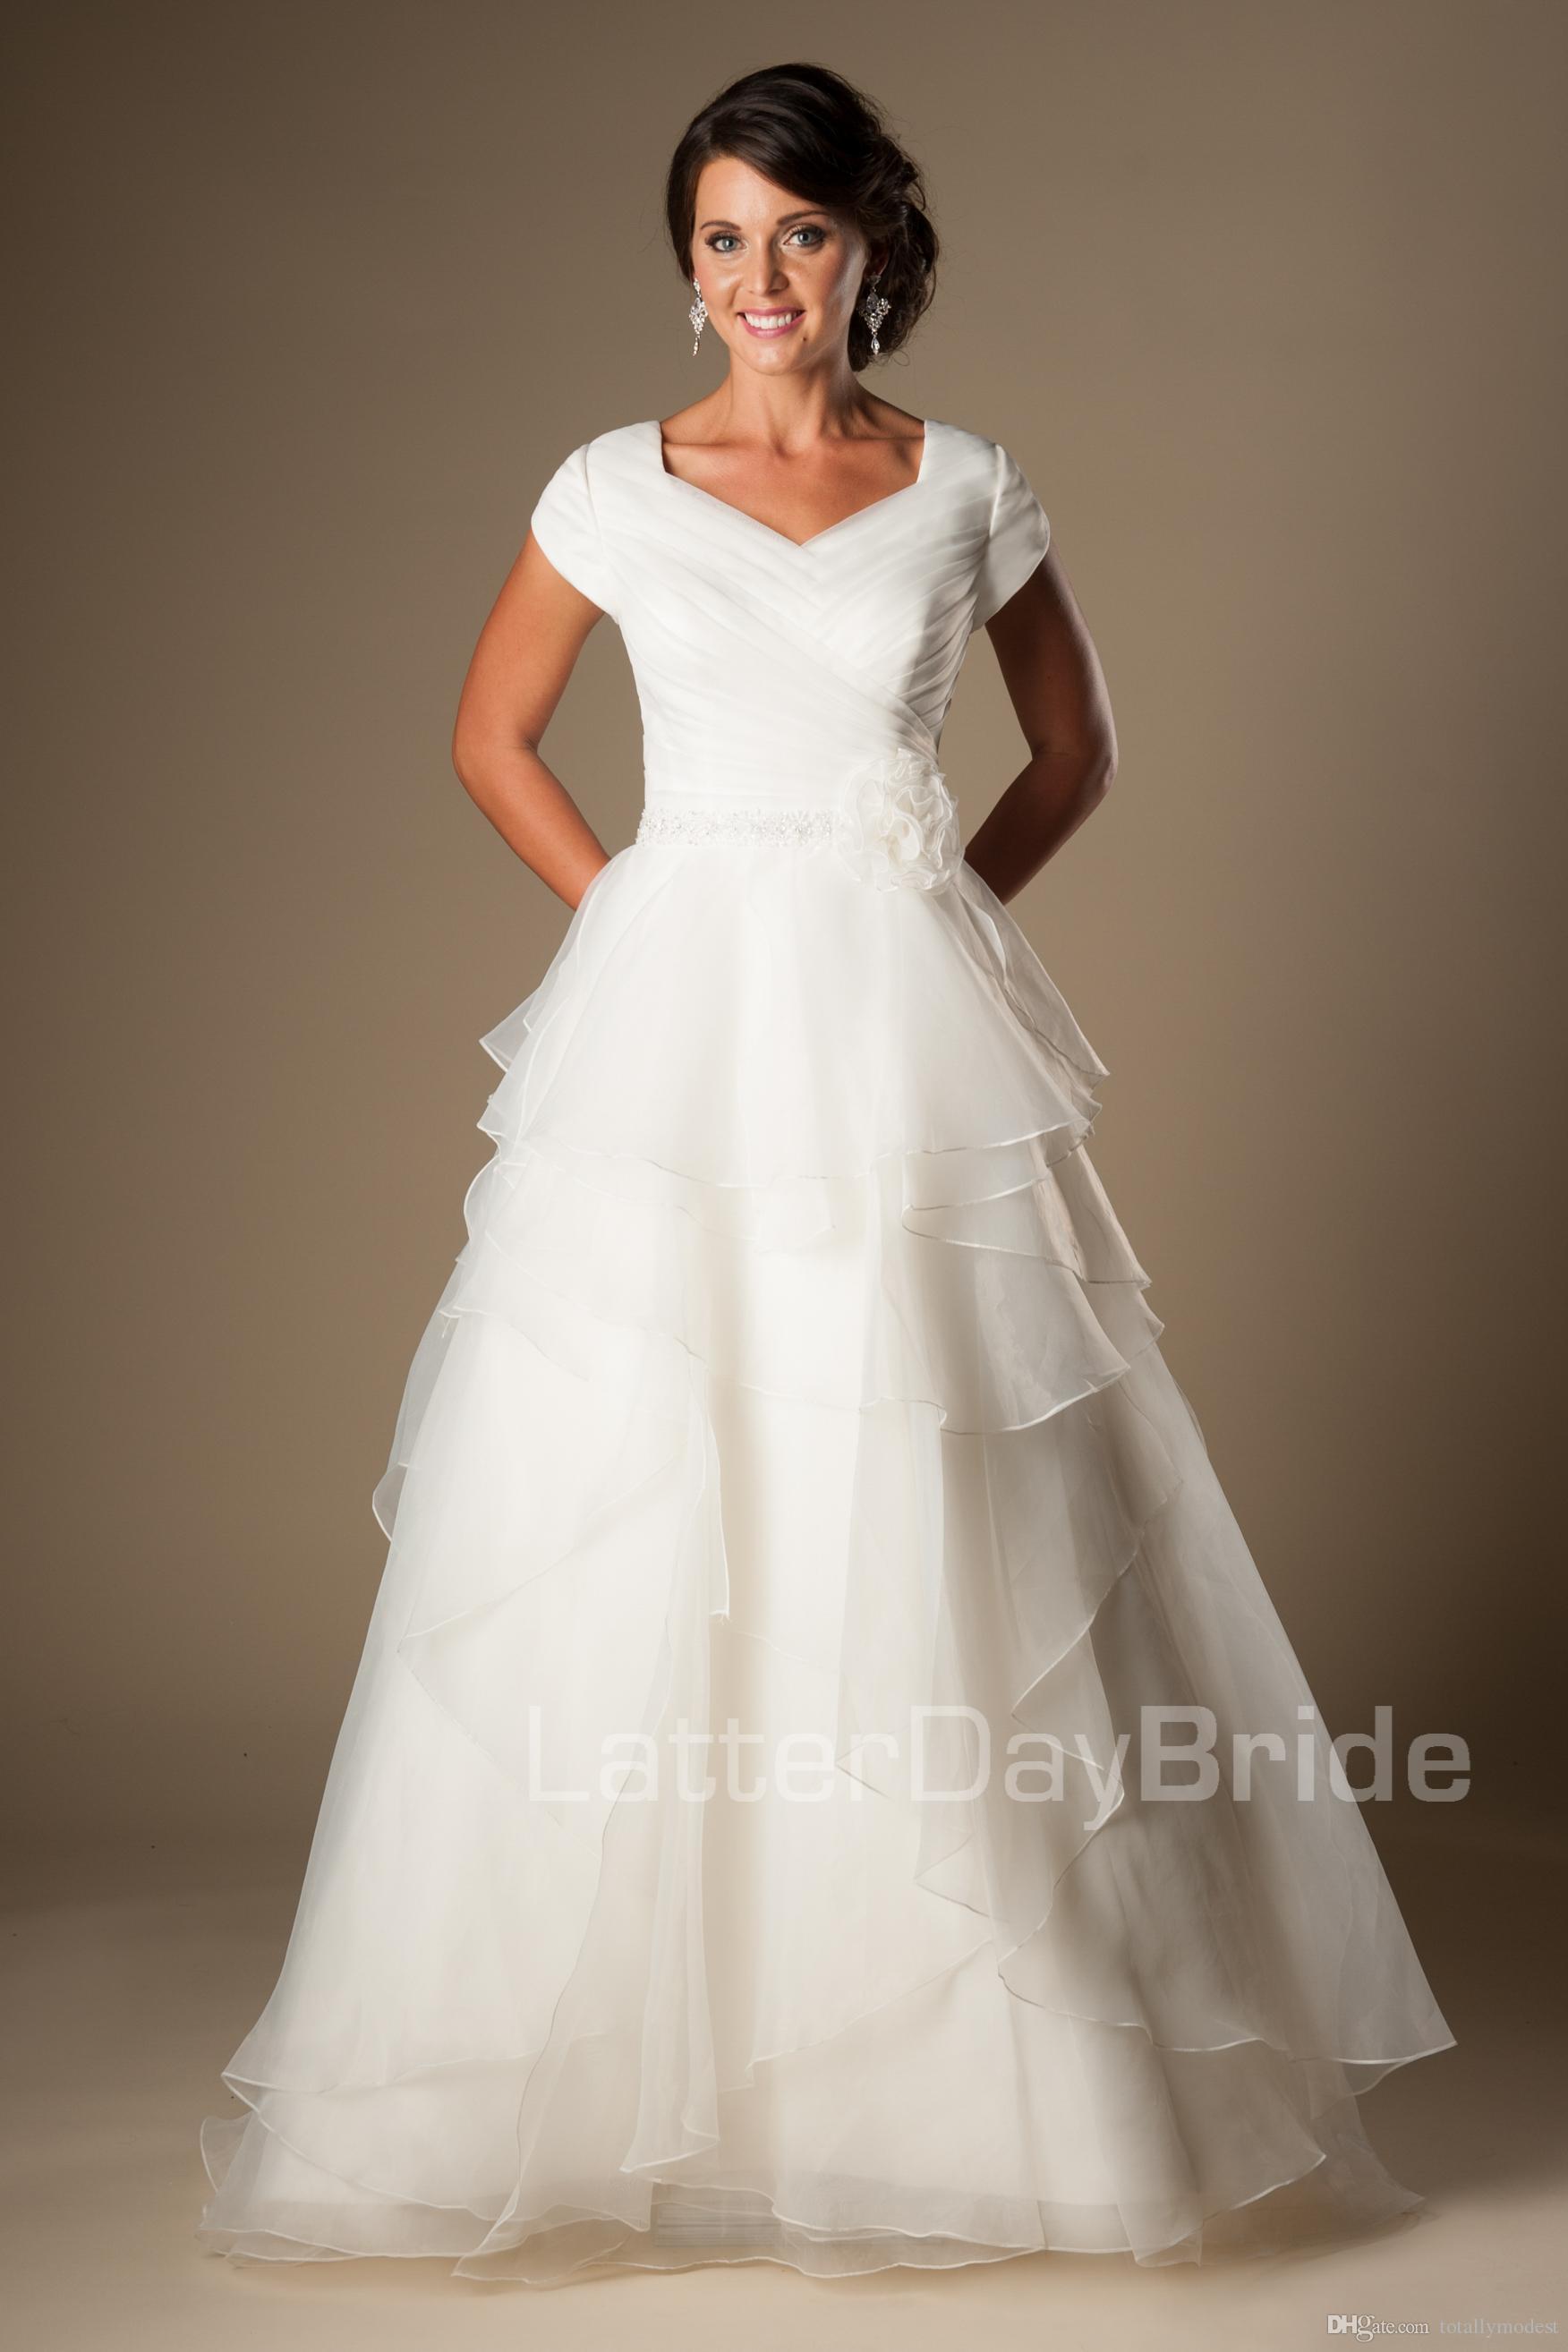 Ausgezeichnet Einfaches Aber Elegantes Brautkleid Ideen ...